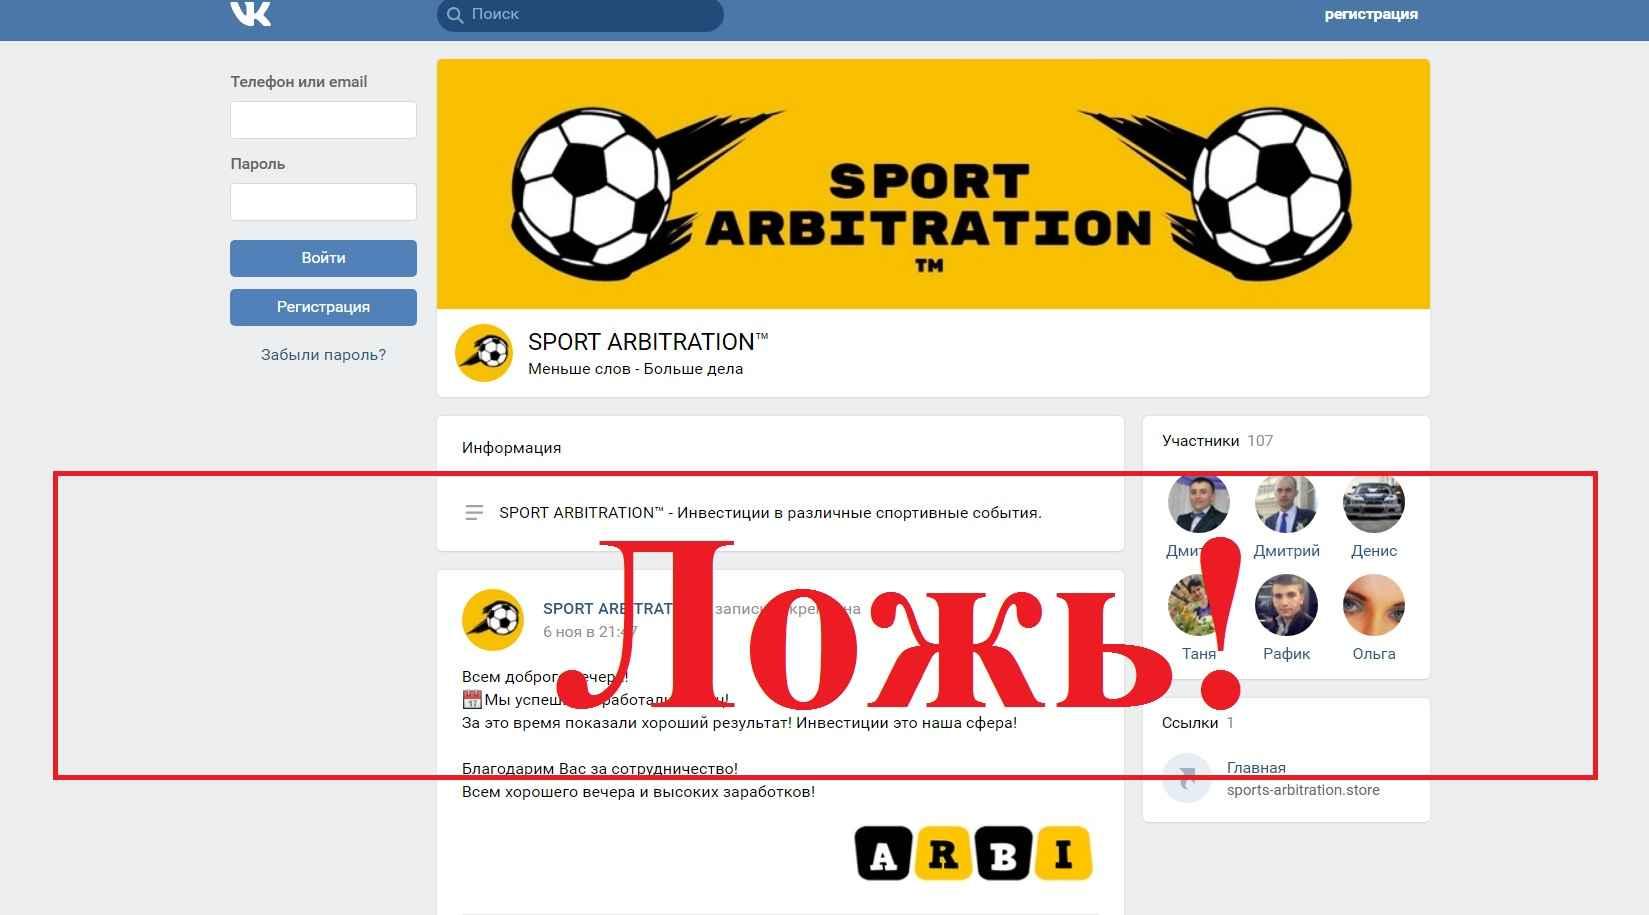 Sports Arbitration – обзор и отзывы о пирамиде